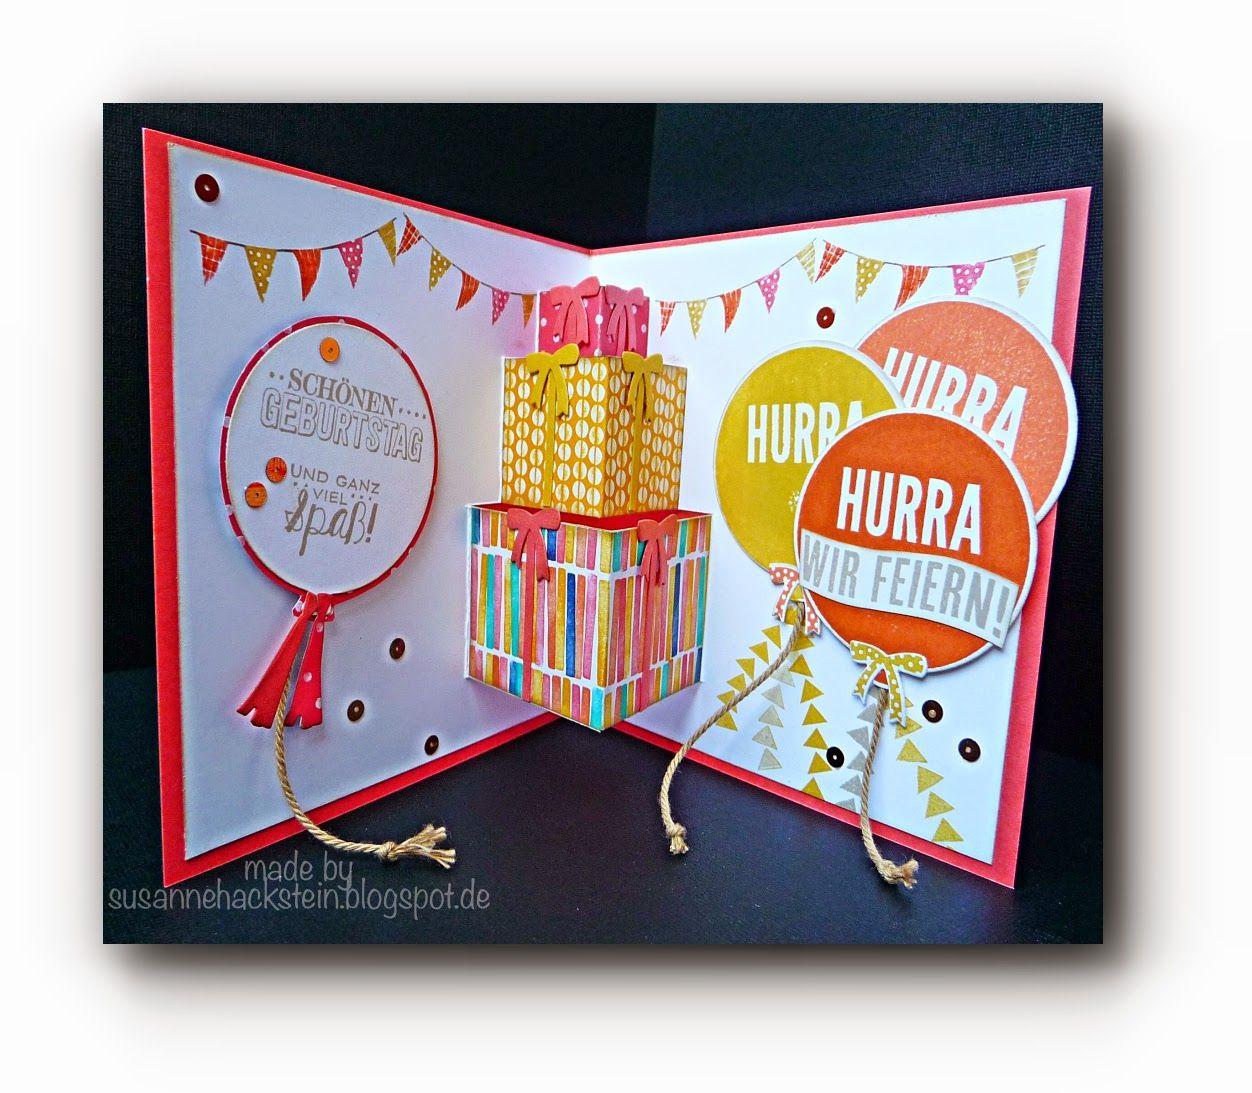 Stempeleinmaleins geschenkestapel pop up karte karten geburtstag pinterest karten - Geburtstagskarte basteln pop up ...